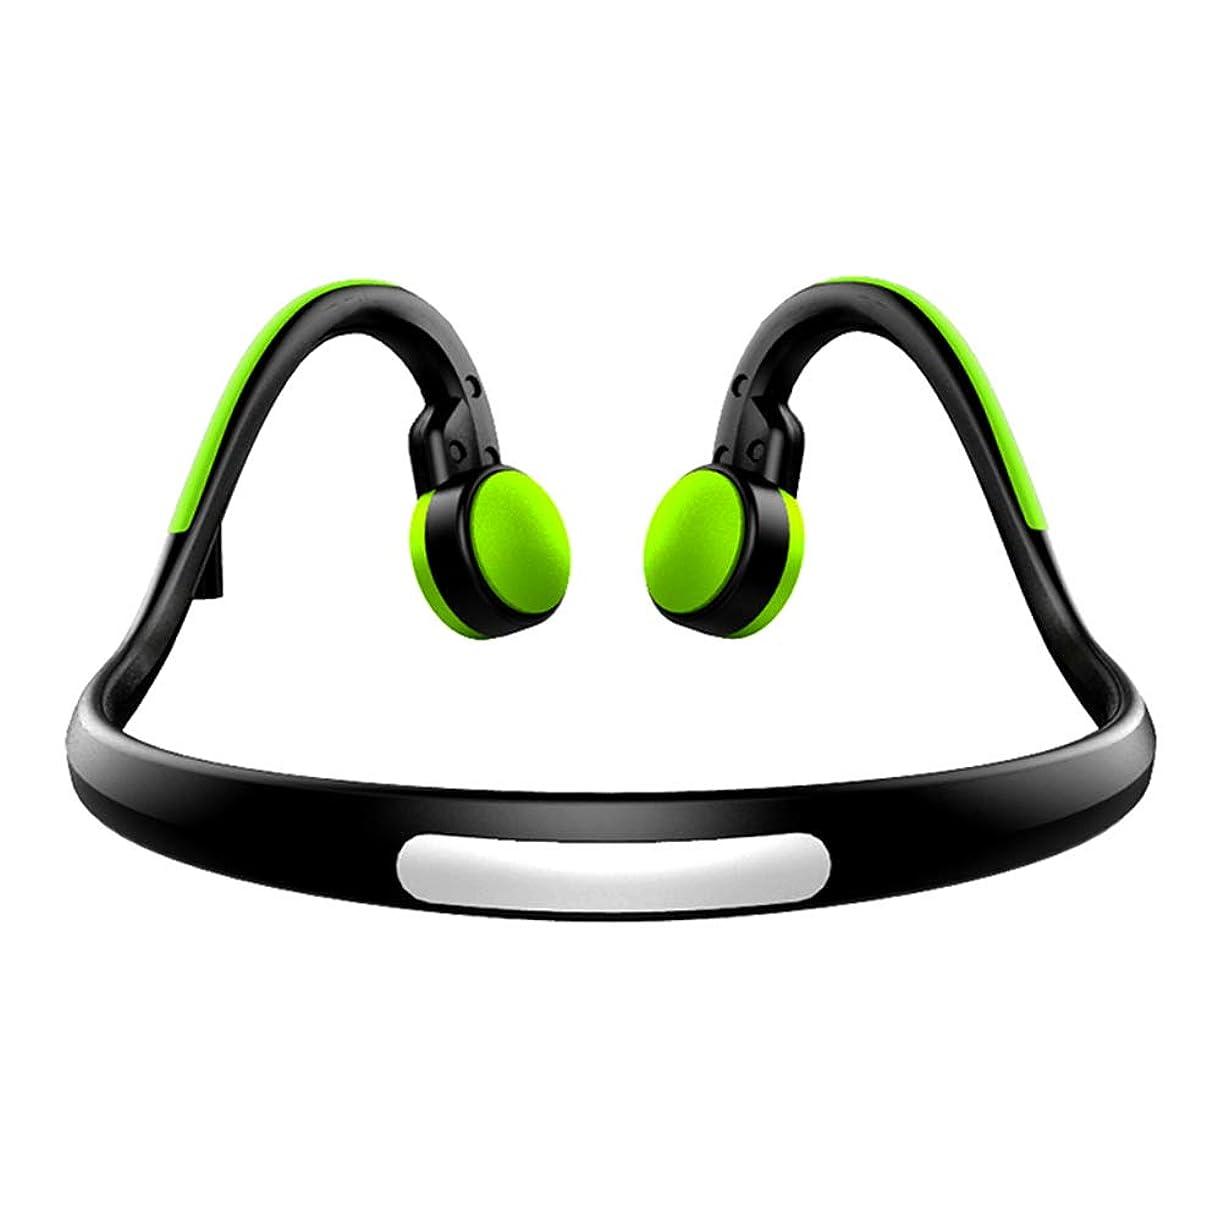 ますます地元人気の骨伝導スマートスポーツ Bluetooth ヘッドセットステレオ両耳マイク音楽スポーツ IPX4 防水アンドロイド? Ios 電話コンピューター,Green